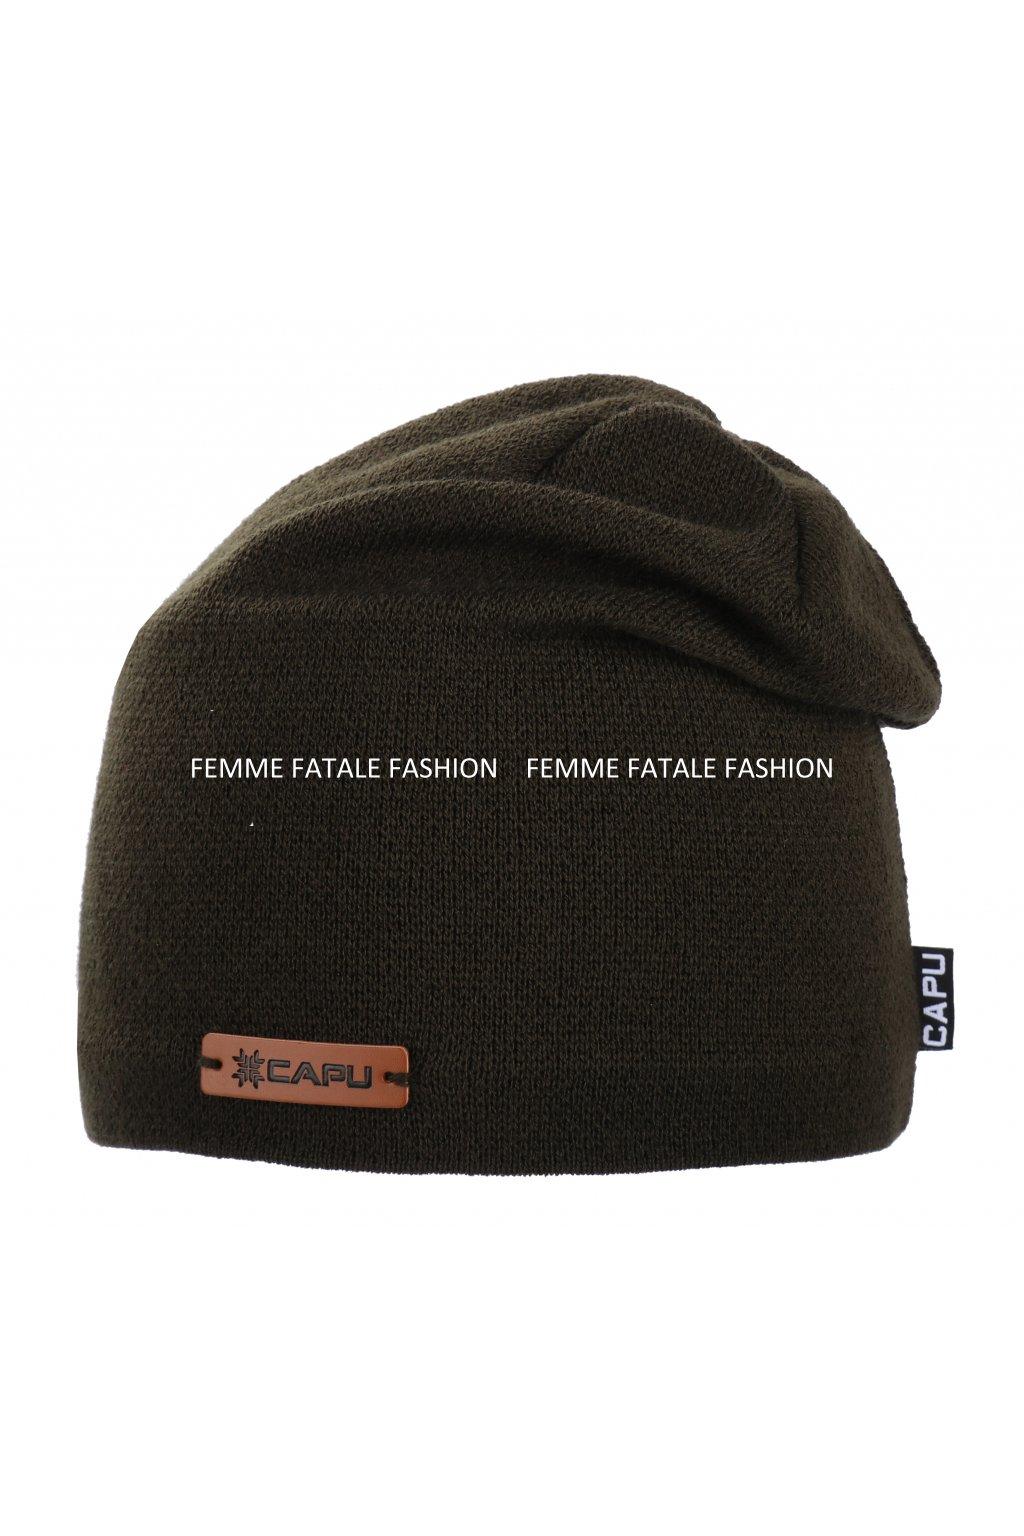 Pánská zimní čepice CAPU 1727 femmefatalefashion (4)